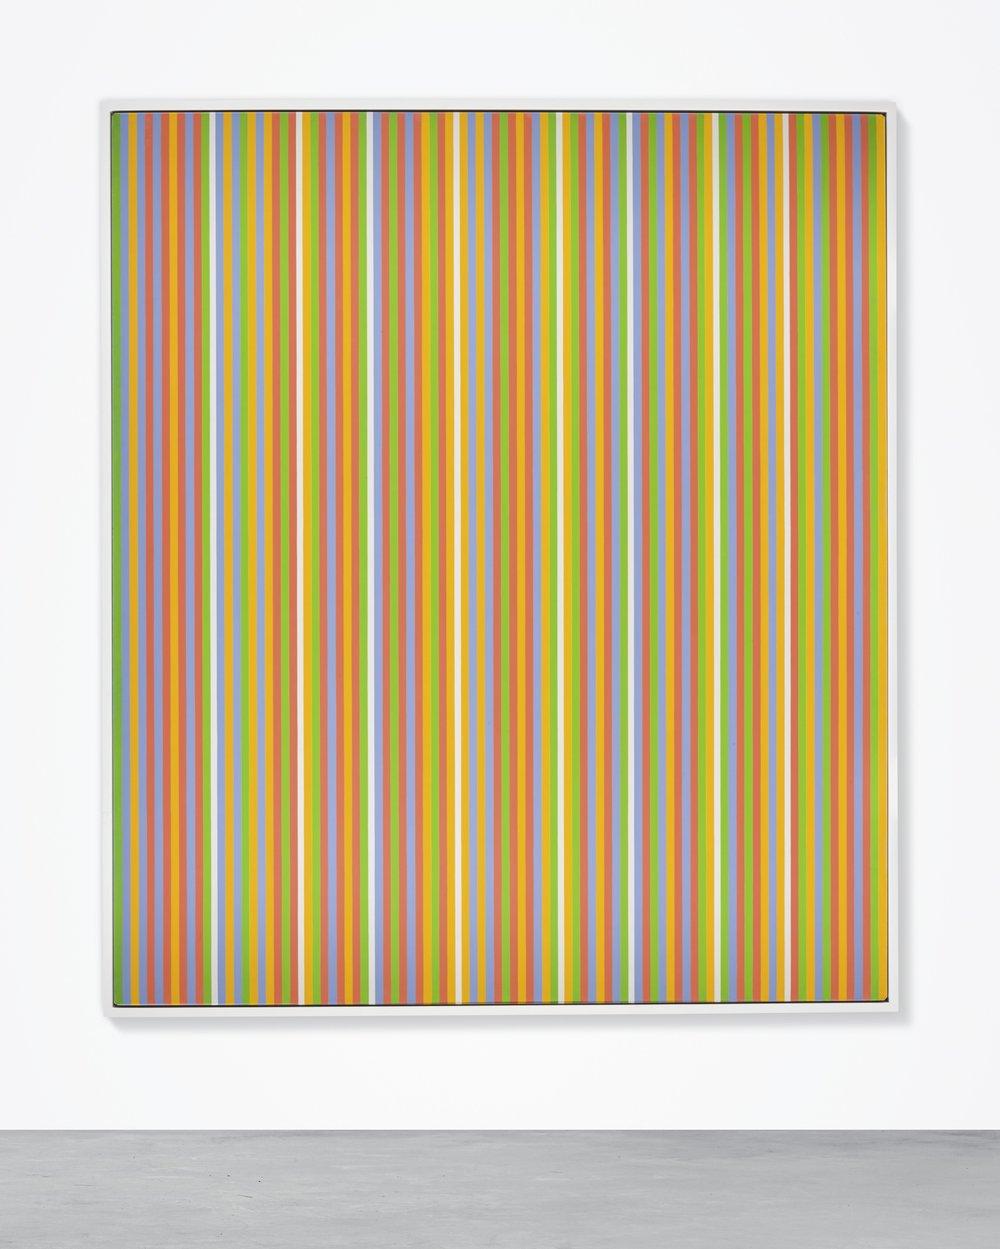 Bridget Riley,  Midi,  1983. Courtesy of Sotheby's.